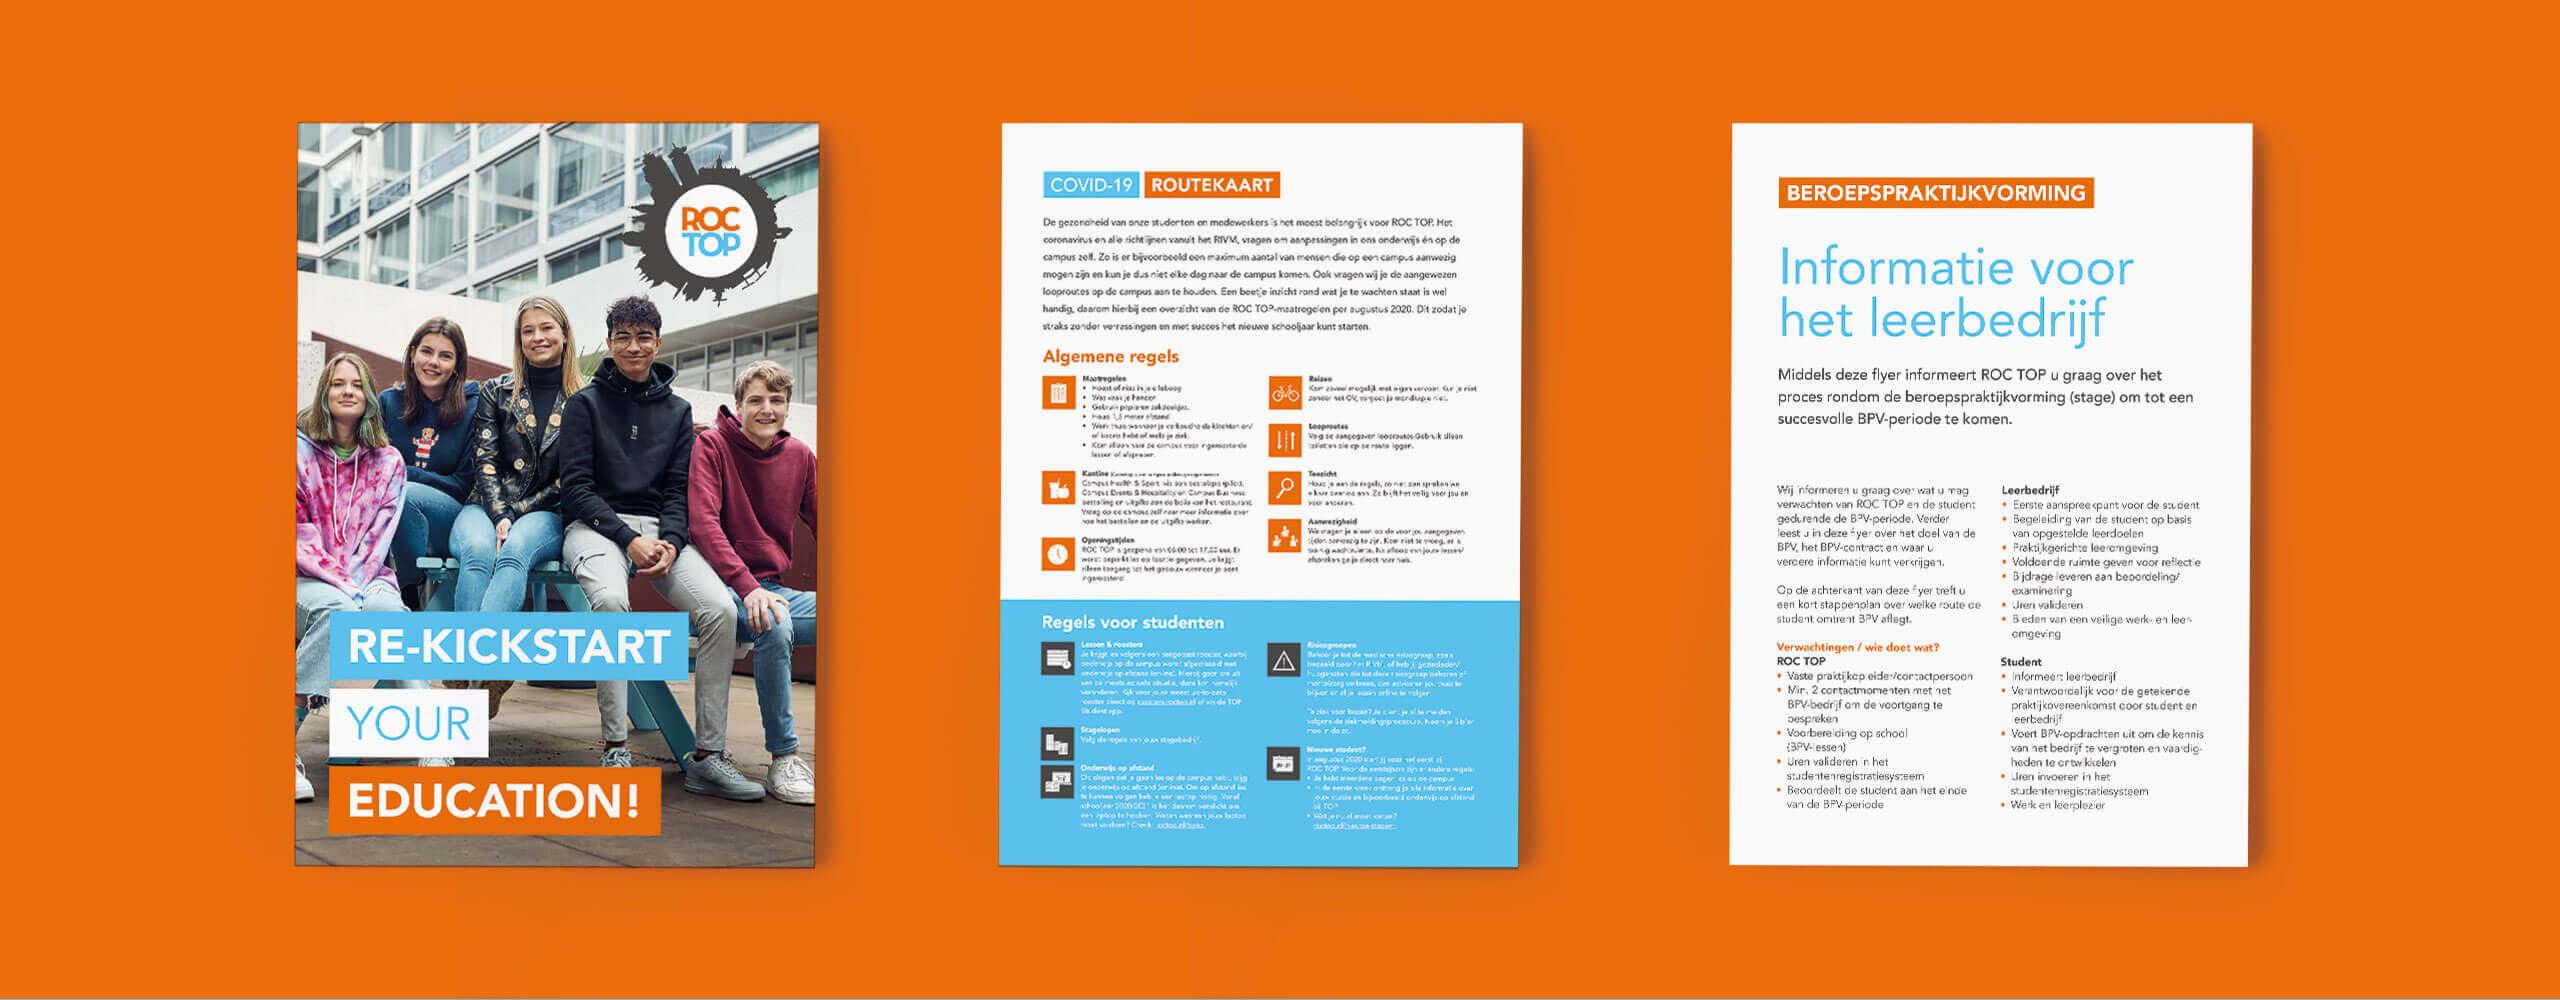 roc top, mbo onderwijs, roc top huisstijl, beslisboom ontwerp, beslisboom, jaarverslag, jaarverslag ontwerp, Grafisch ontwerp, grafische vormgeving, graphic design, grafisch ontwerp leiden, graphic design leiden, communicatie leiden, communicatie ontwerp, branding, branding design, merk ontwerp, visuele identiteit, visual identity,